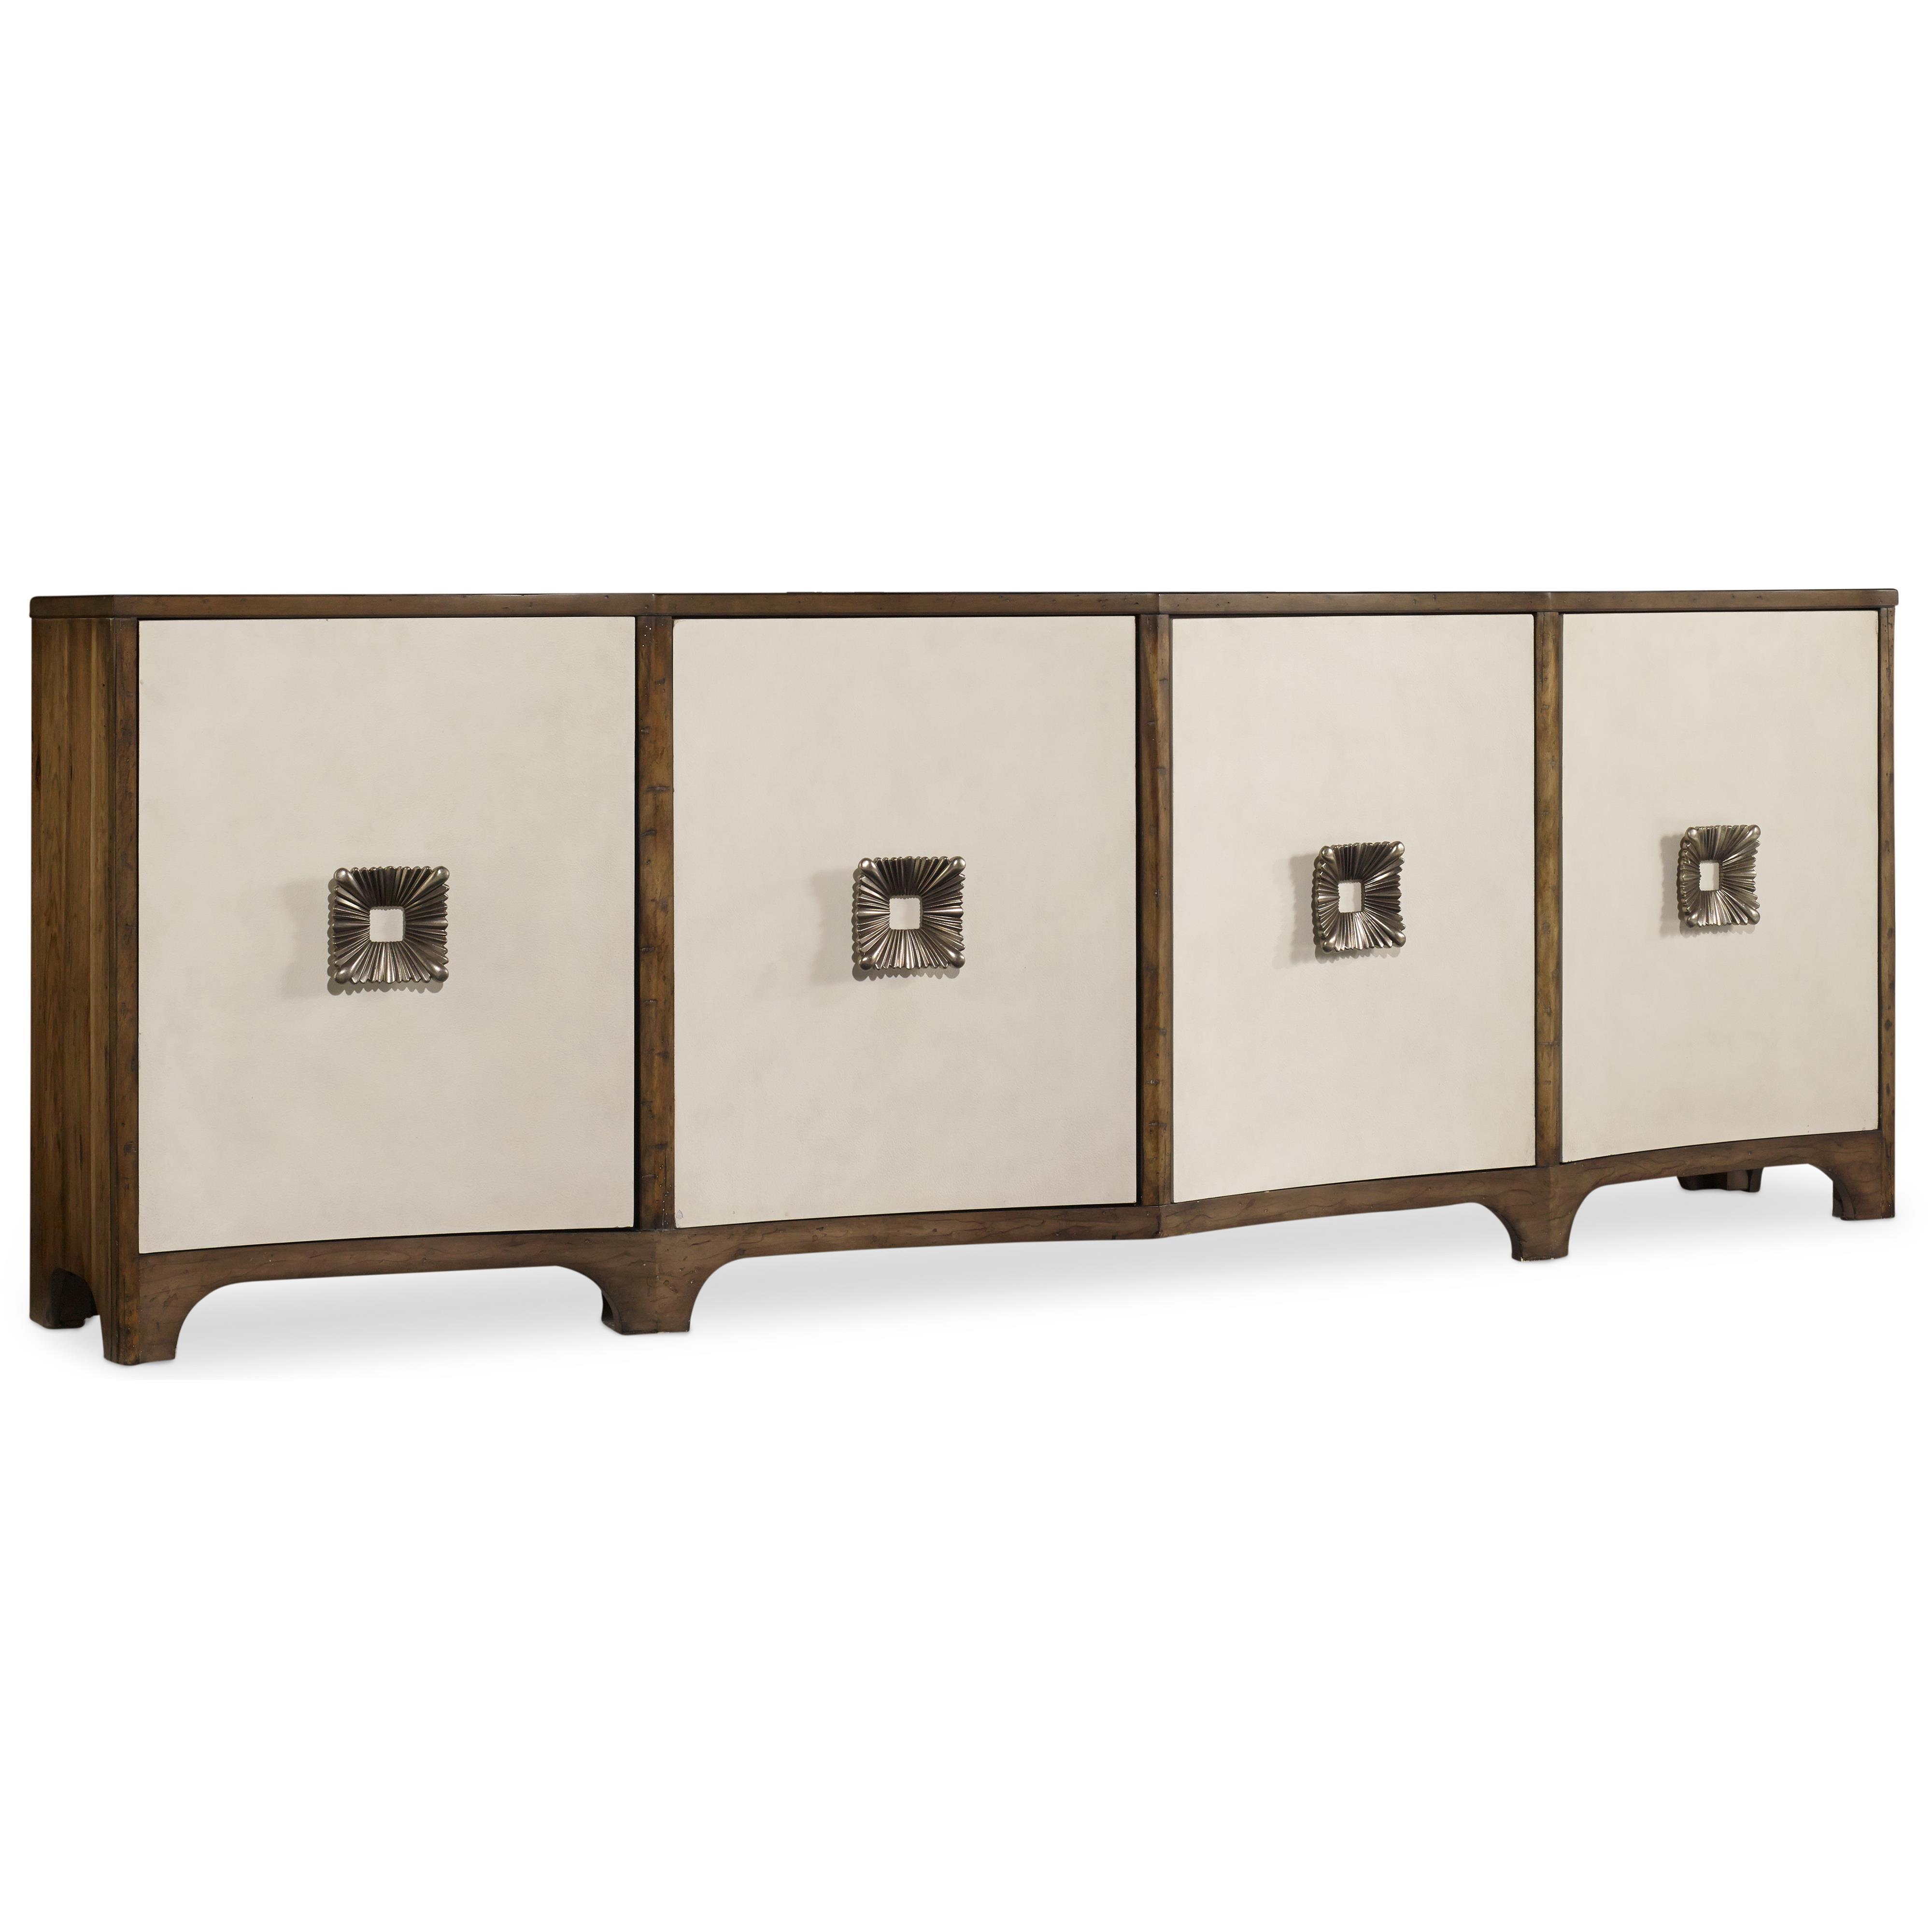 Hooker Furniture Mélange Credenza - Item Number: 638-85181